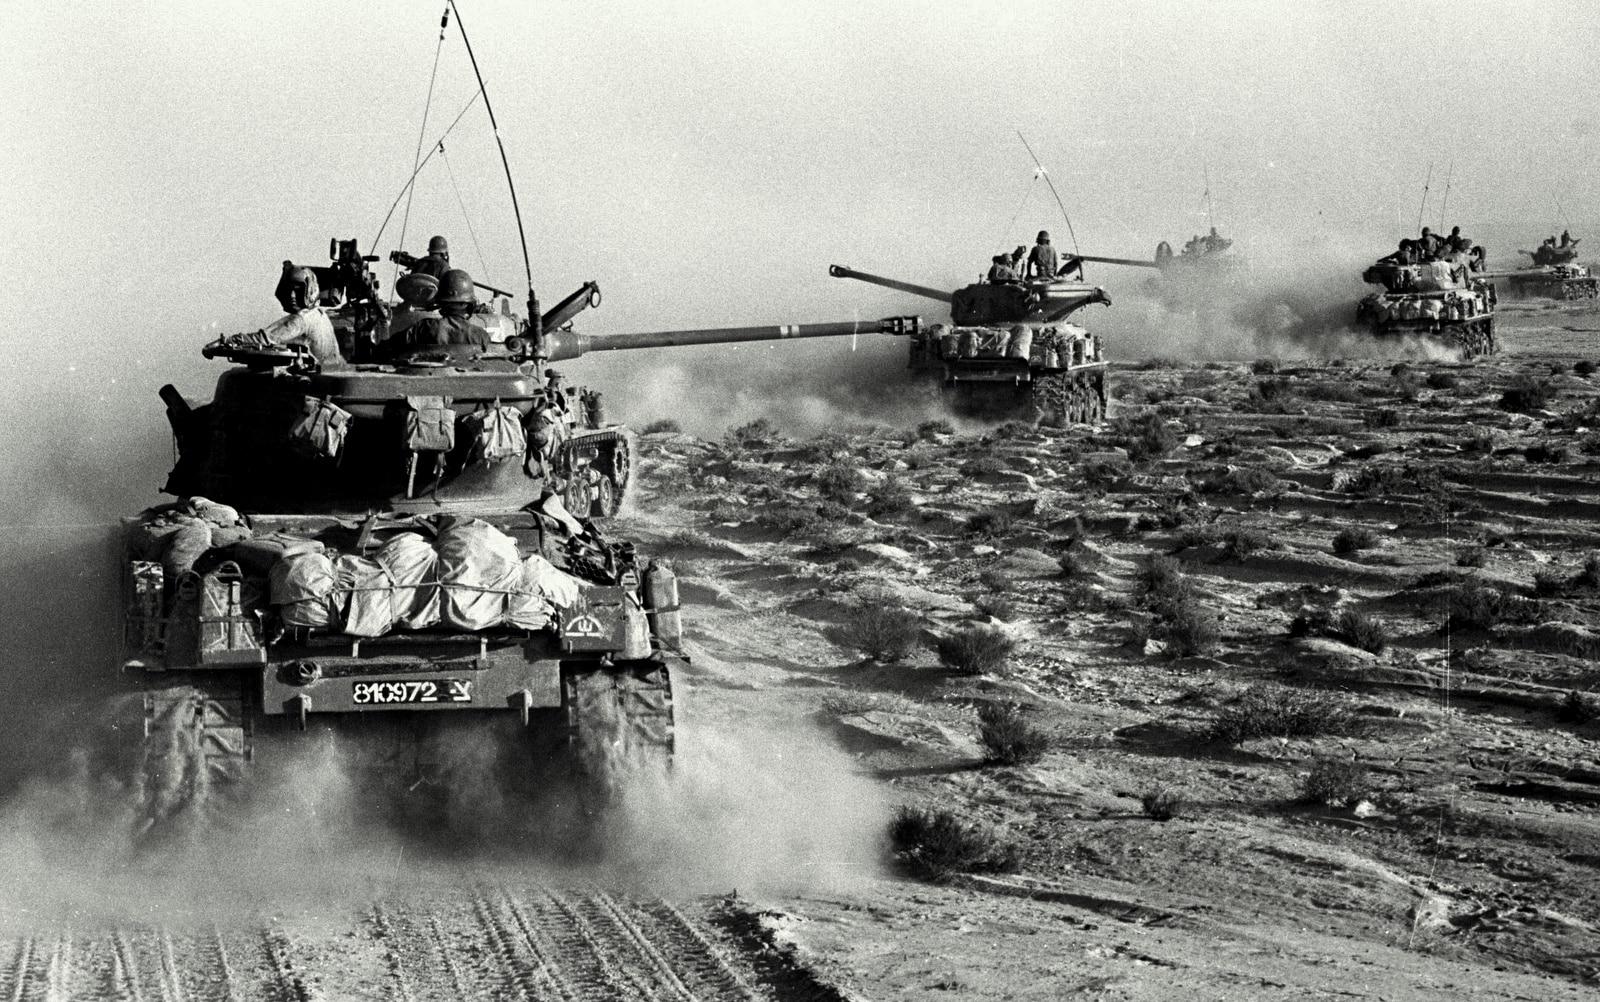 Os Milagres de Deus em Israel –  A Guerra dos Seis Dias, 1967